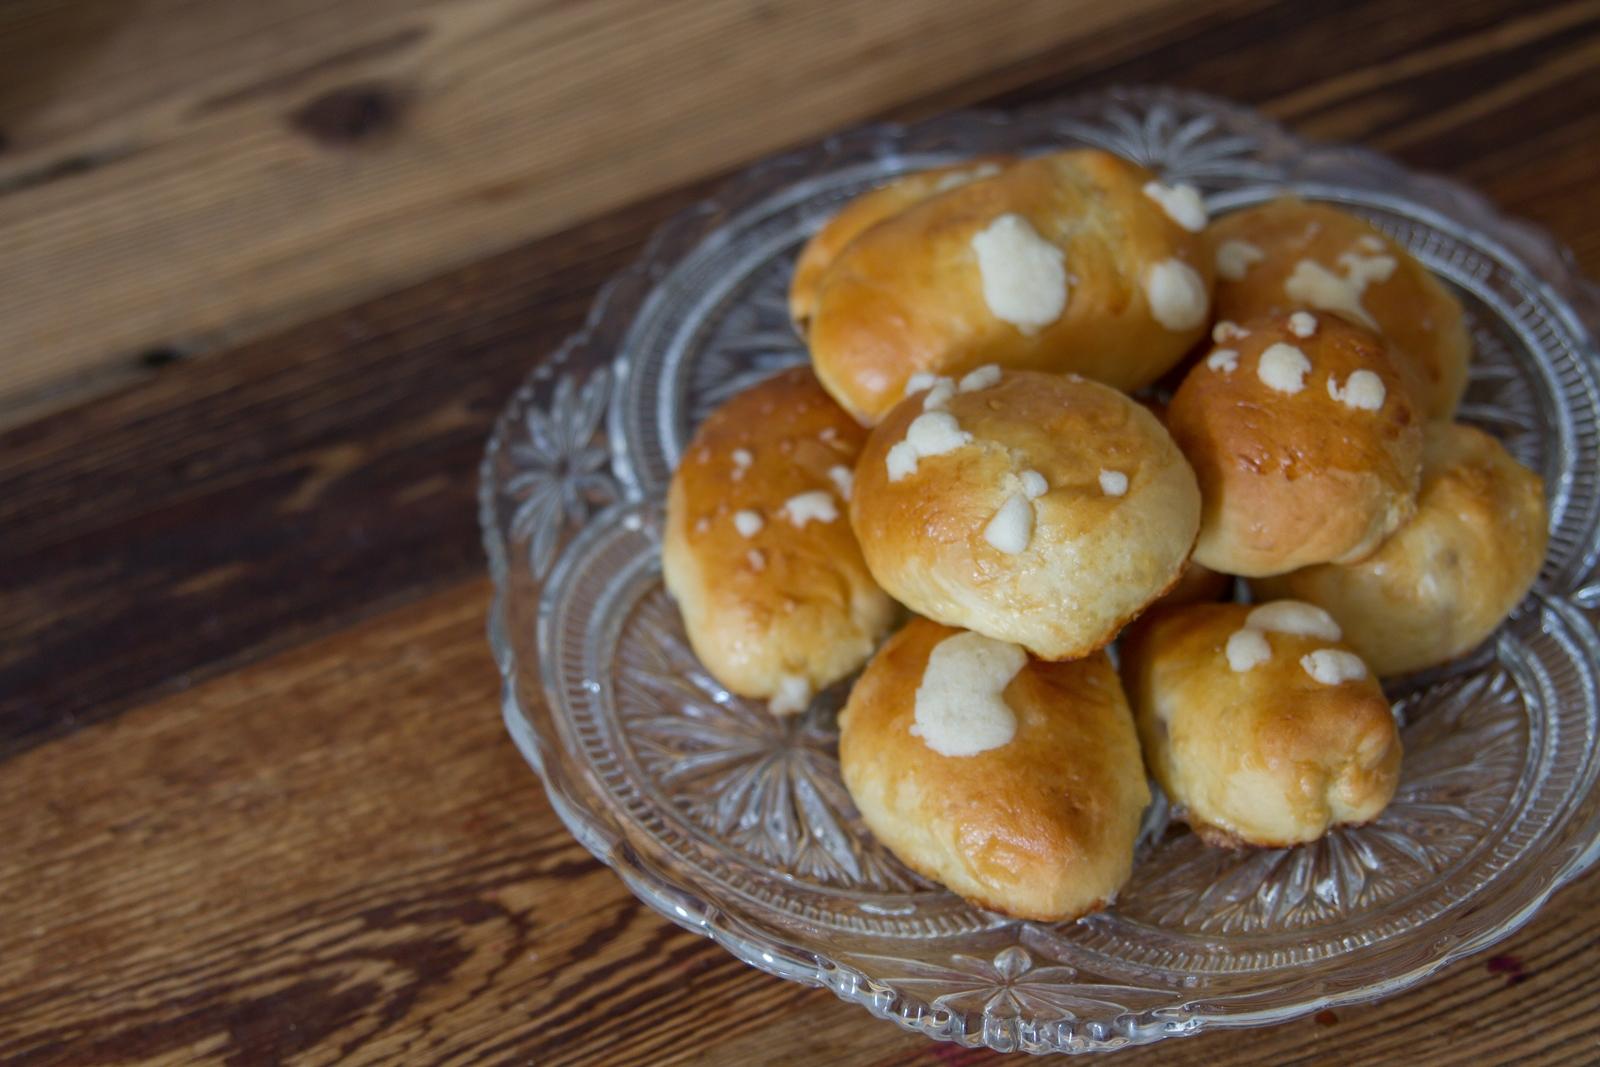 szybkie, proste, smaczne drożdżowe bułeczki z przepisami, przepis na bułeczki - owocowe z owocami, ze śliwką, idealne, proste szybkie ciasto drożdżowe, jak zrobić kruszonkę, porady, blog kulinarny